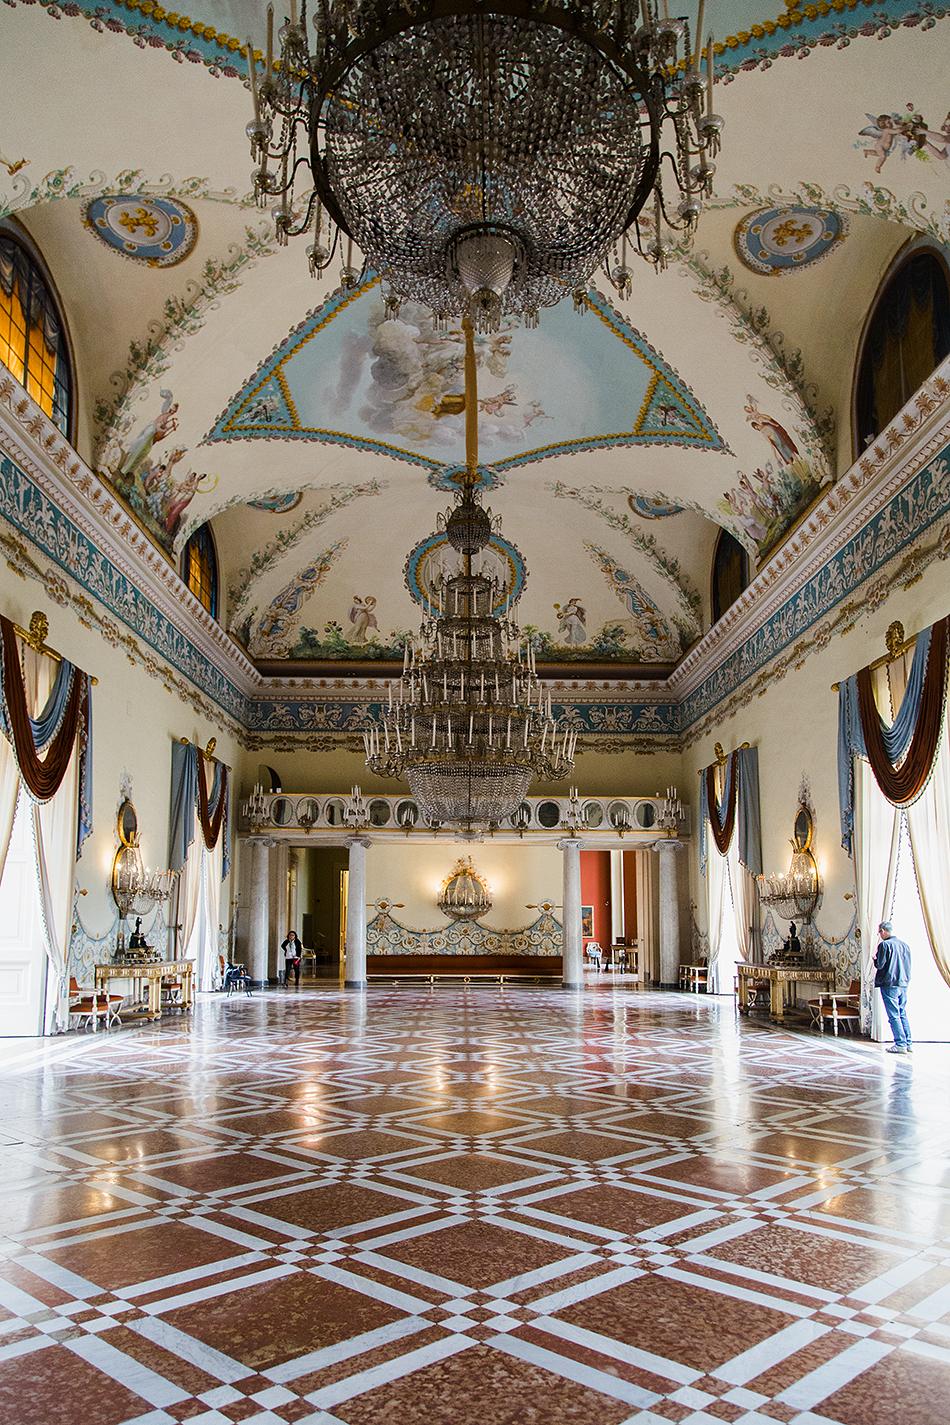 Napoli, Museo Nazionale di Capodimonte, Solone da Balla